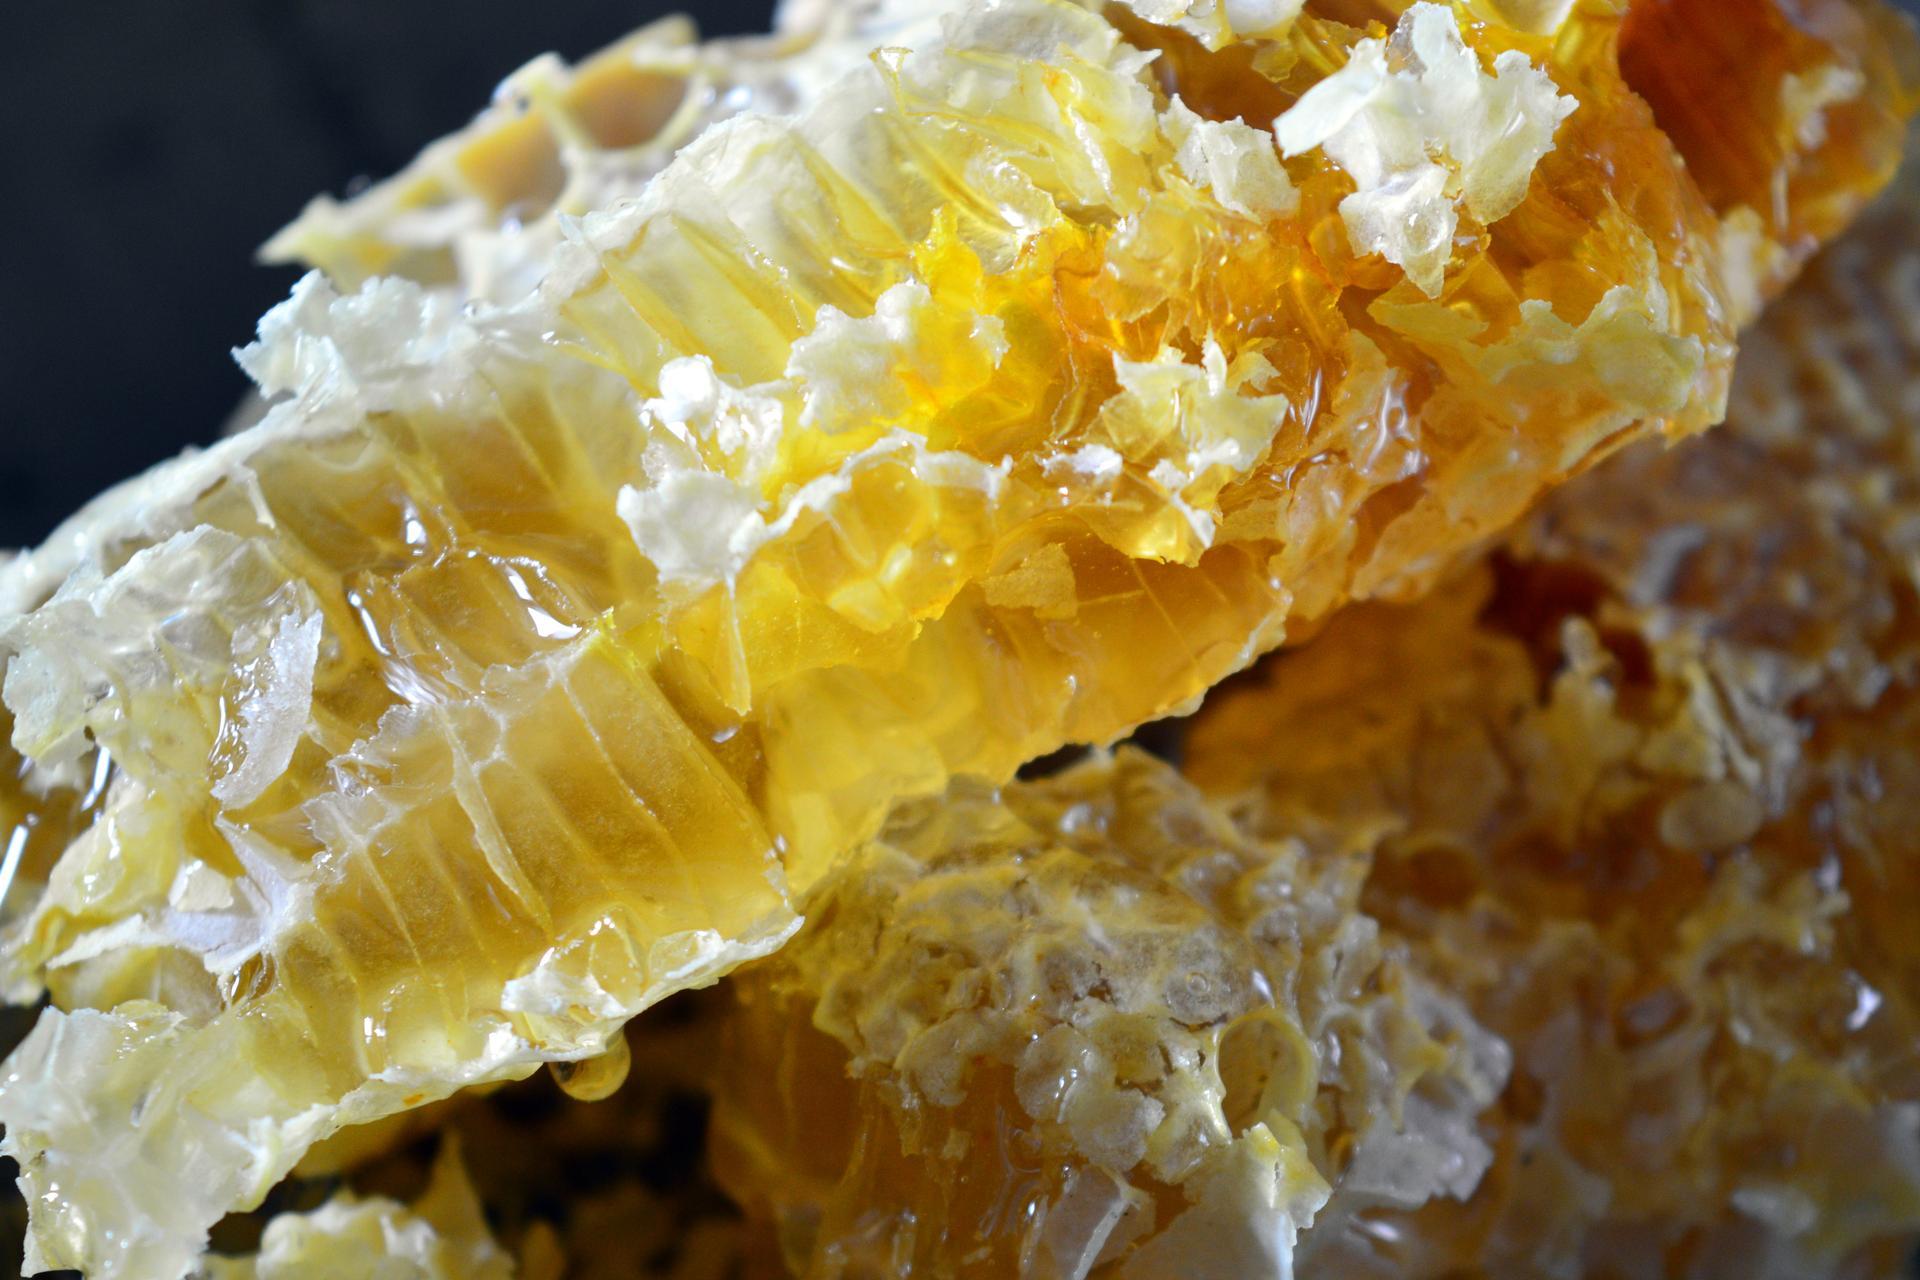 Naša prírodná perma záhradka v roku 2021 - 2/2021 - jedli ste niekedy med priamo z plástu? Chuť sa nedá porovnať.